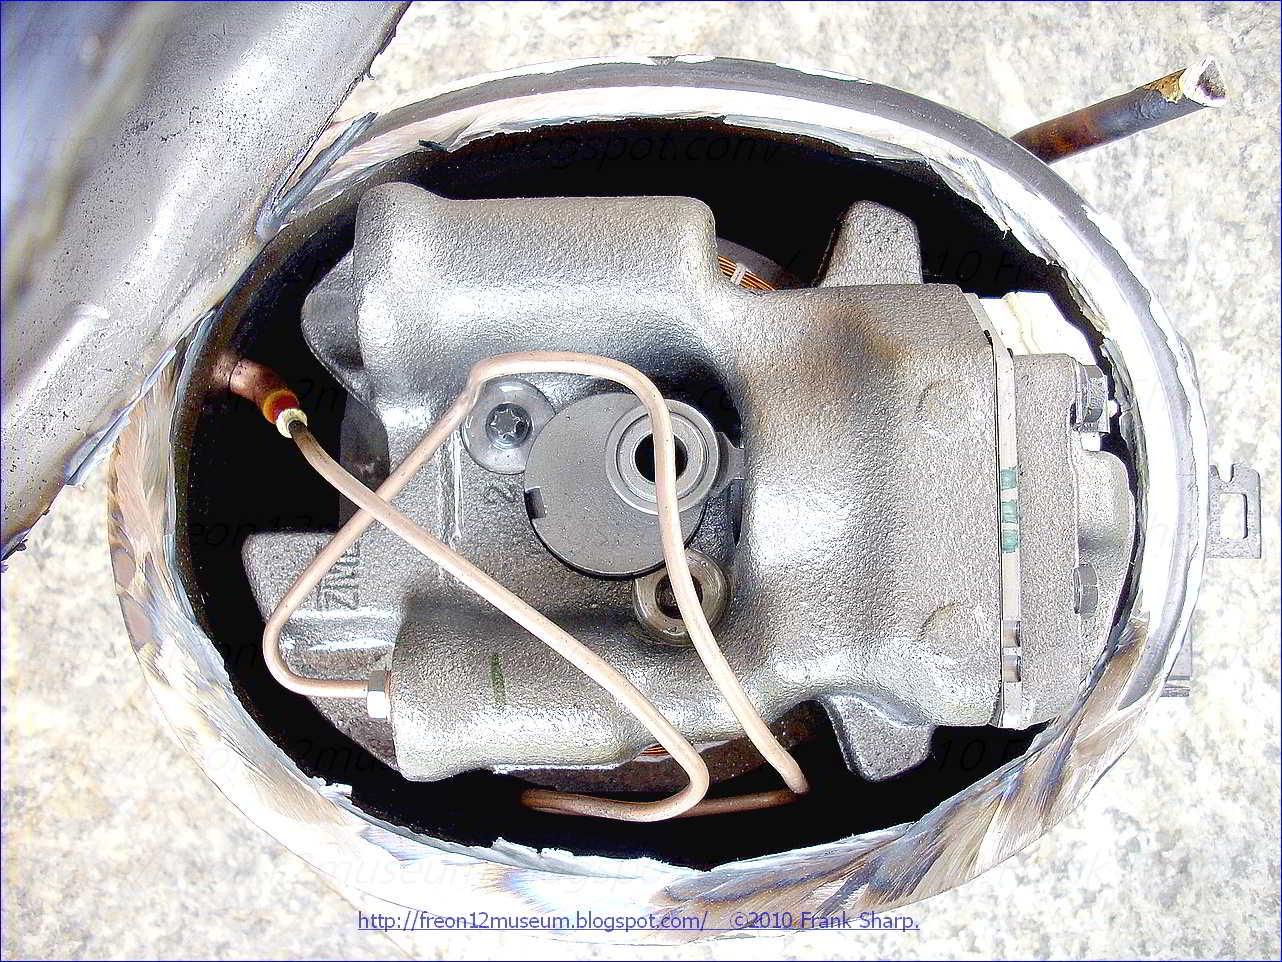 Inside Refrigerator Compressor